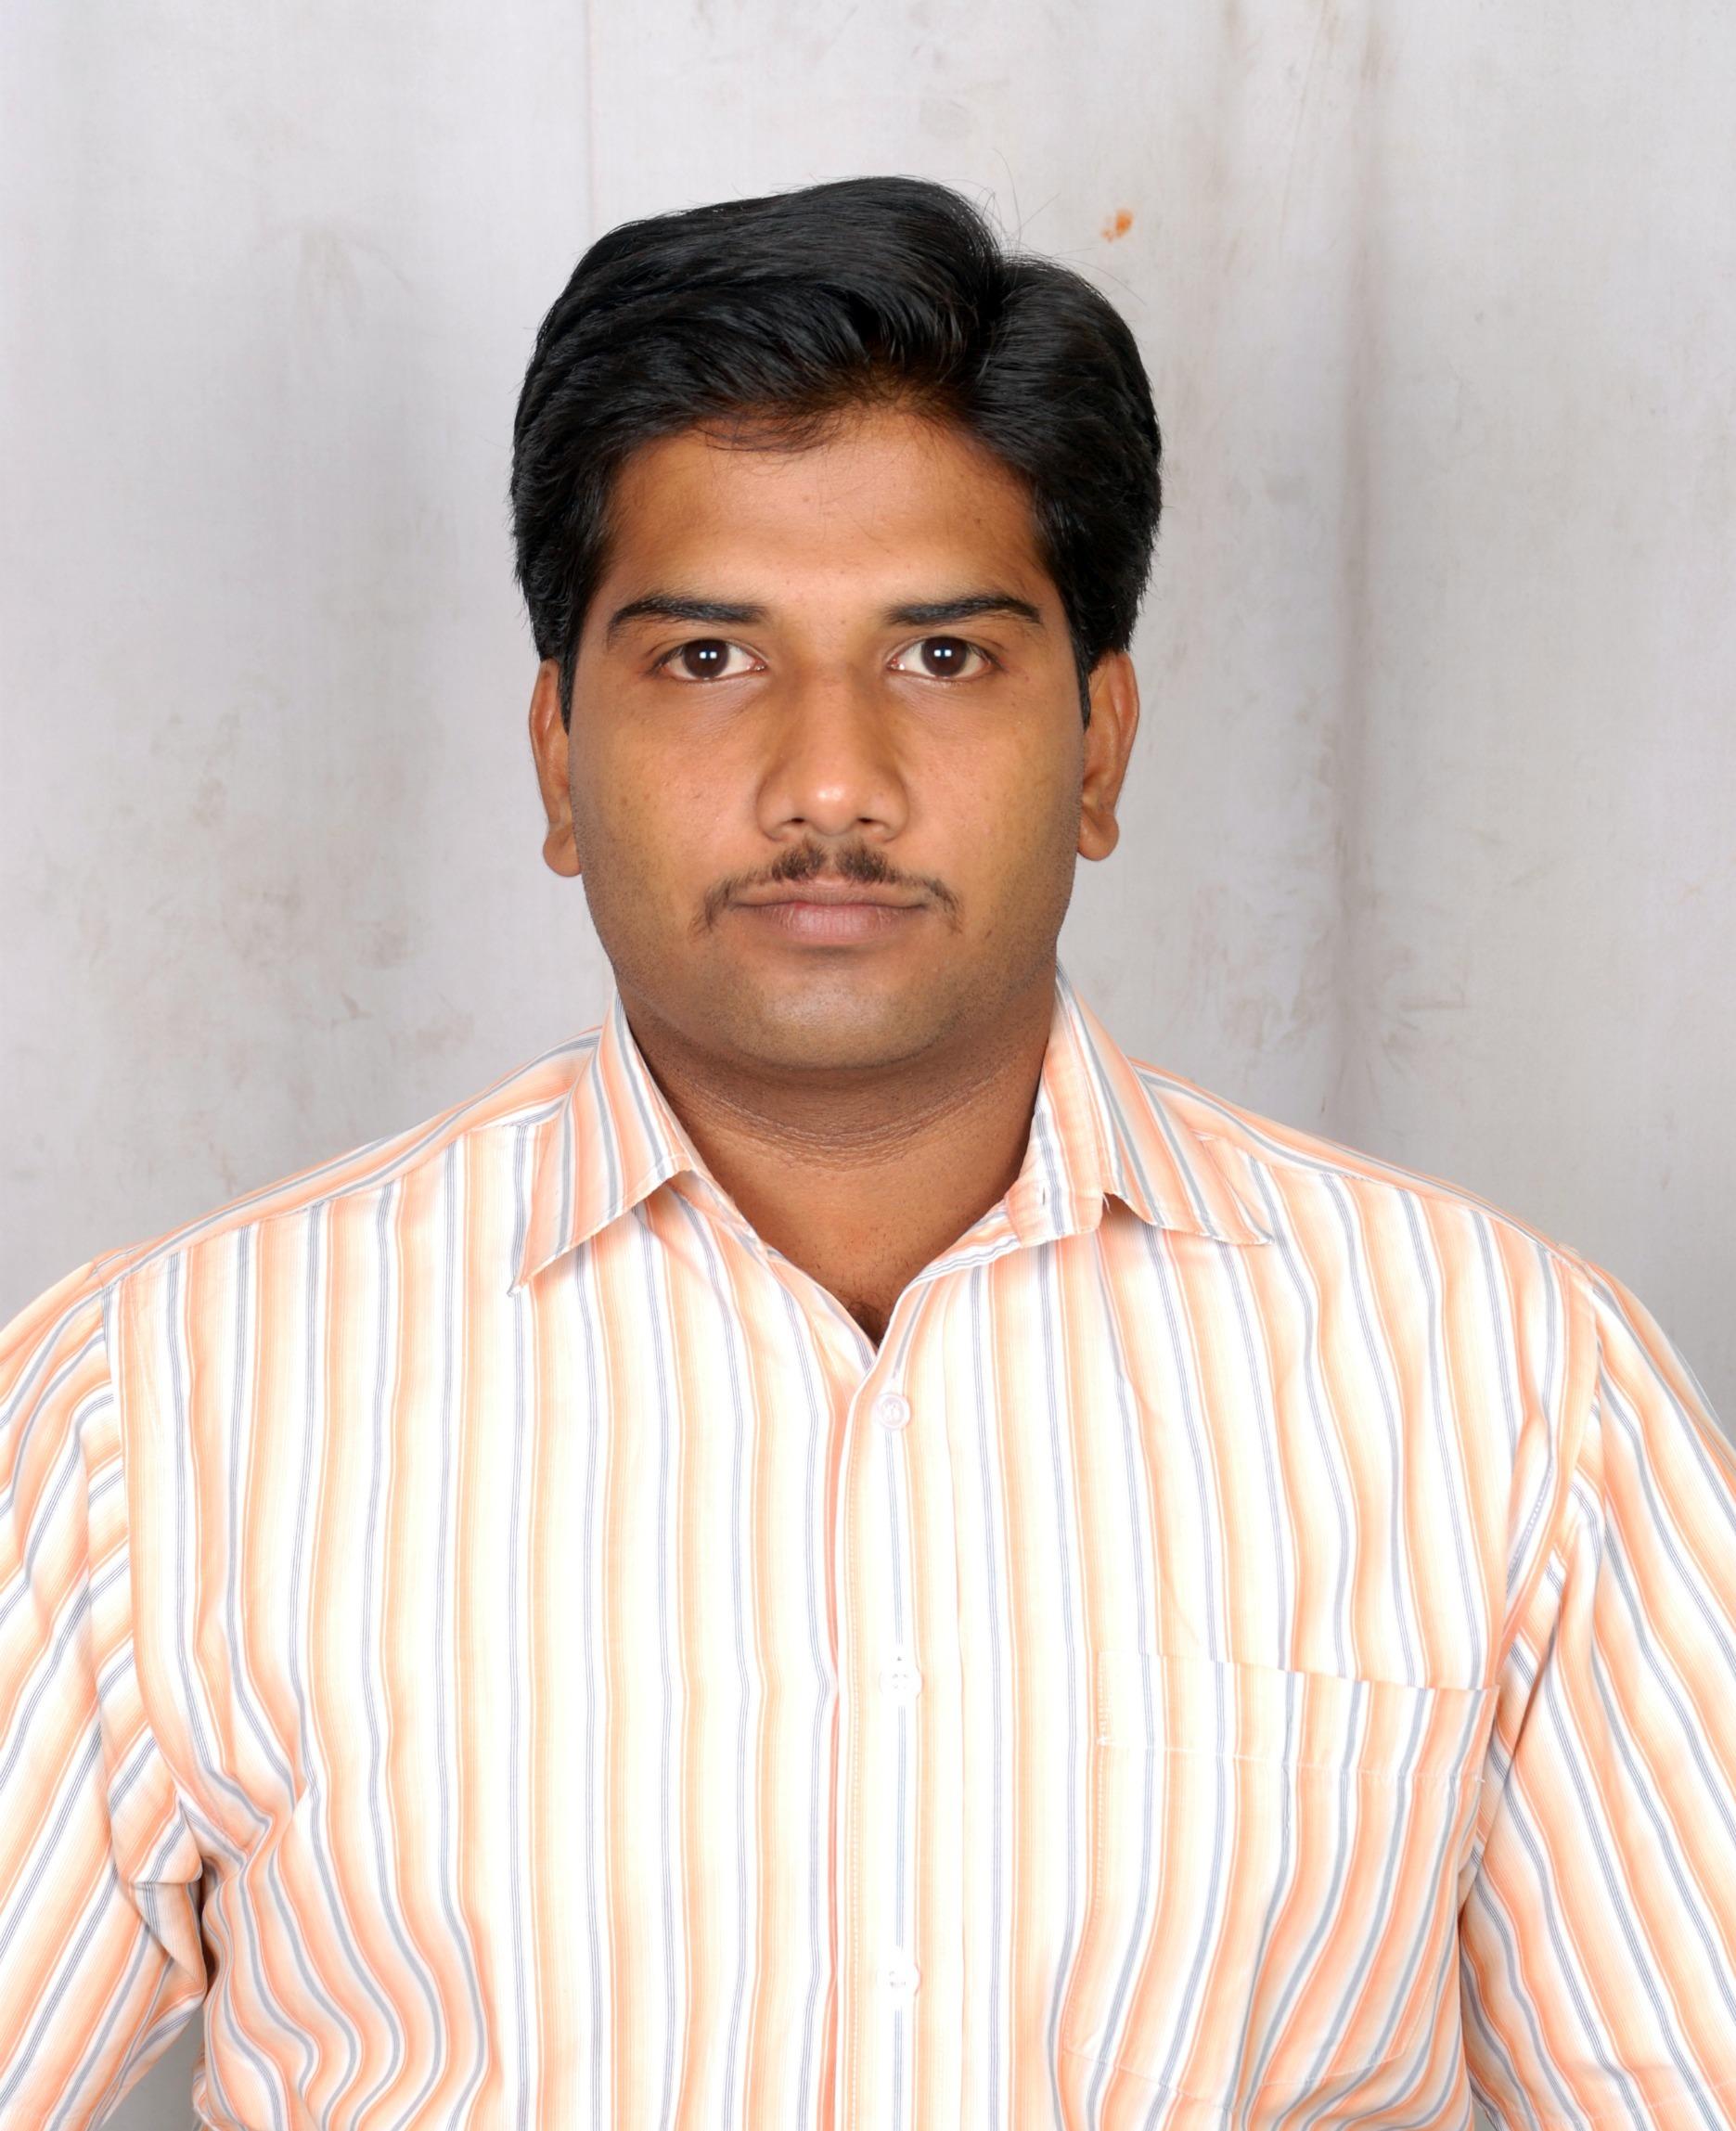 Karthik Siddavaram